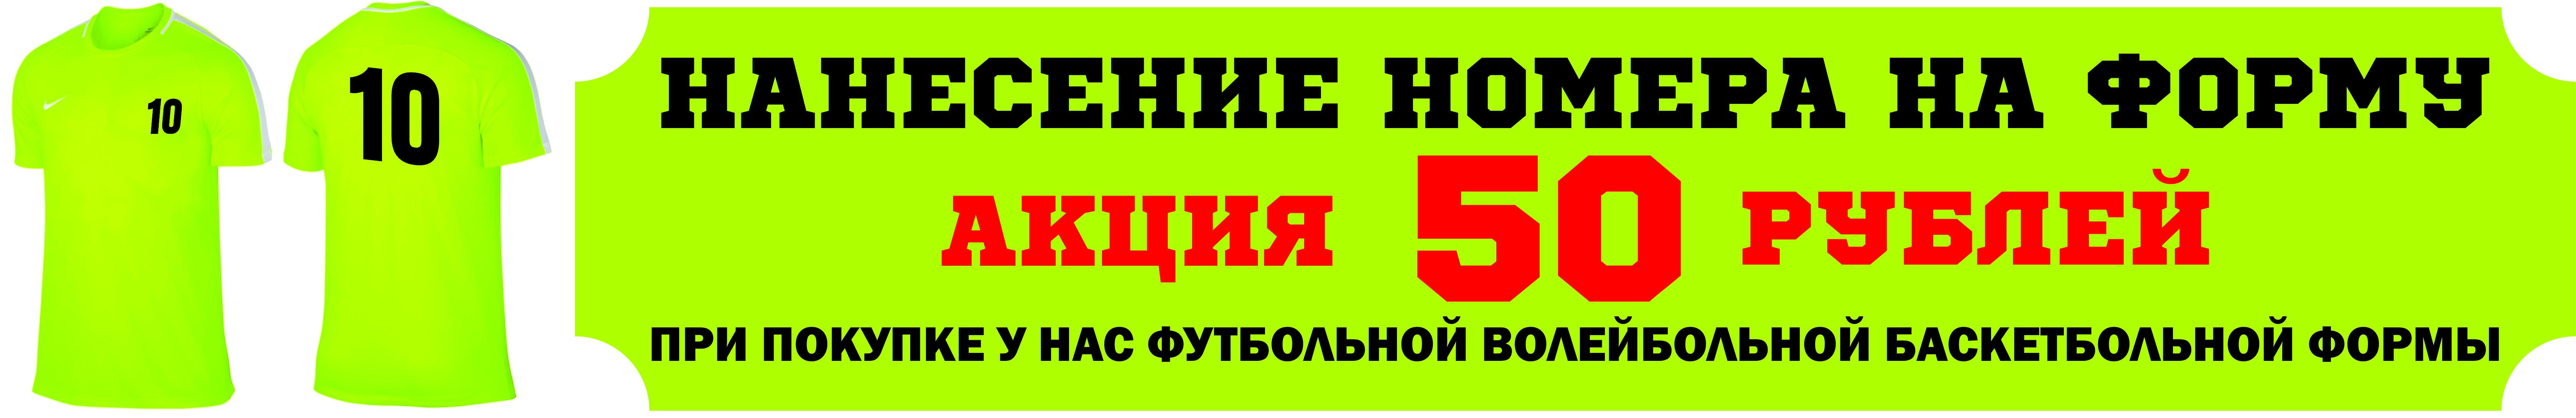 Акция_нанесение_номера_на_форму_за_50_рублей.jpg